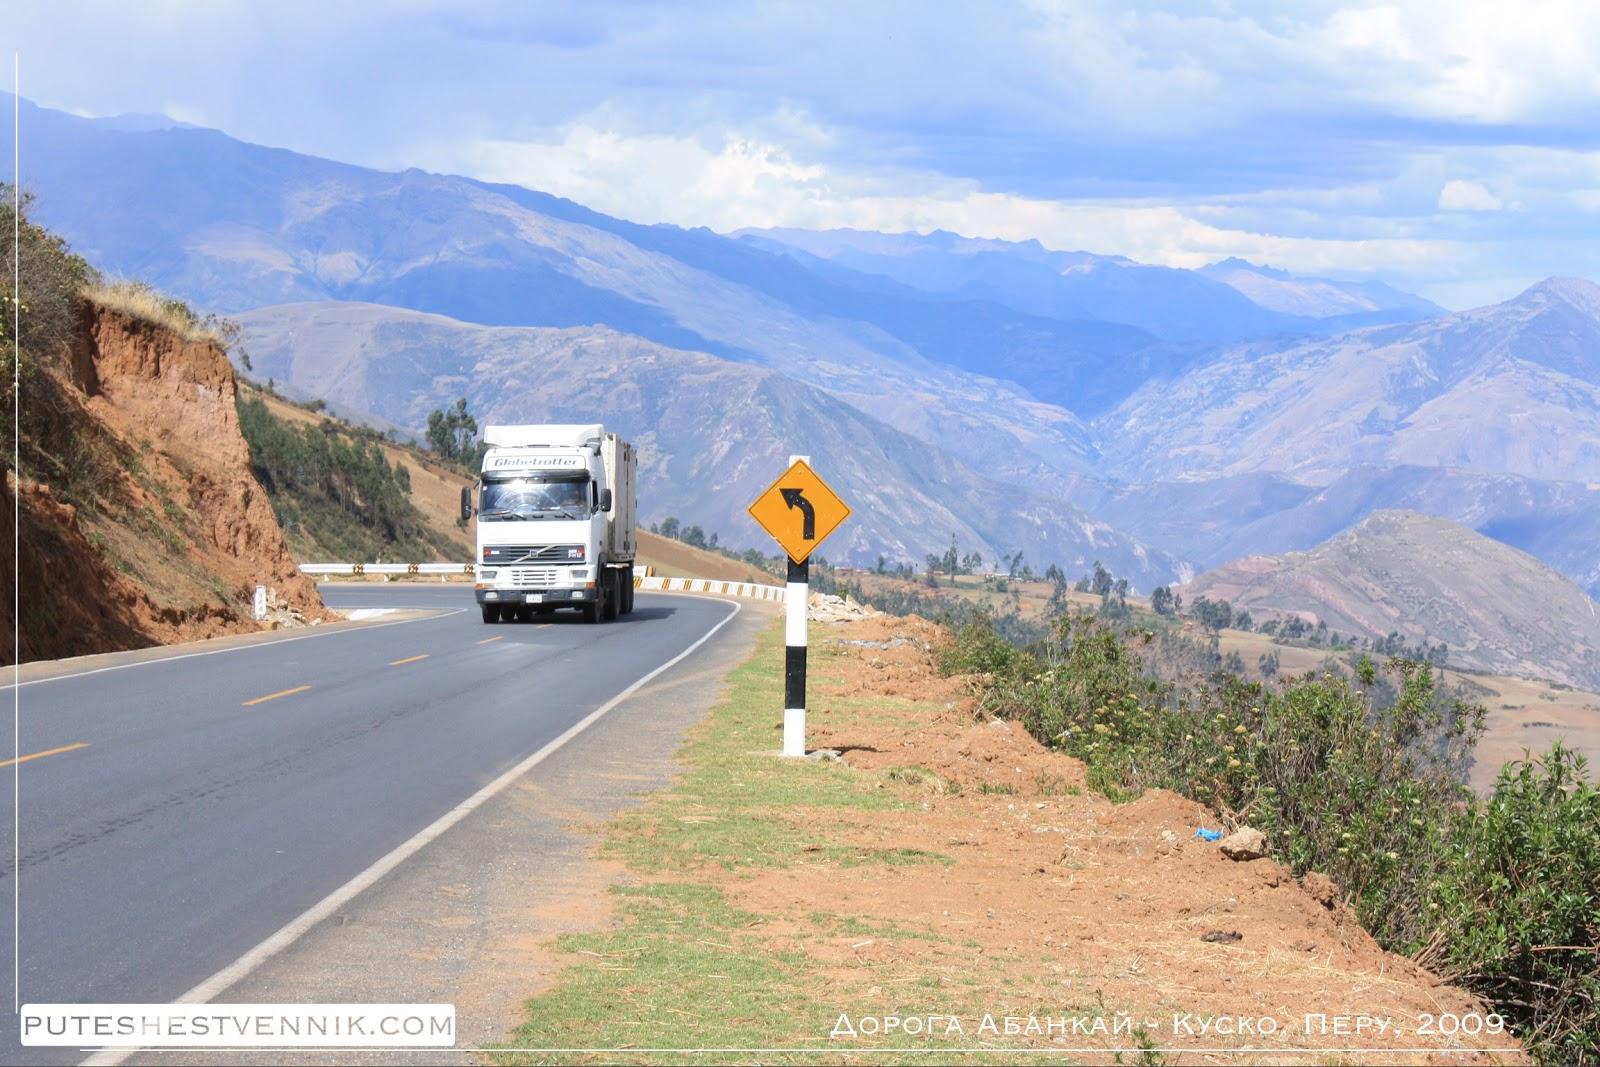 Дорога из Абанкая в Куско